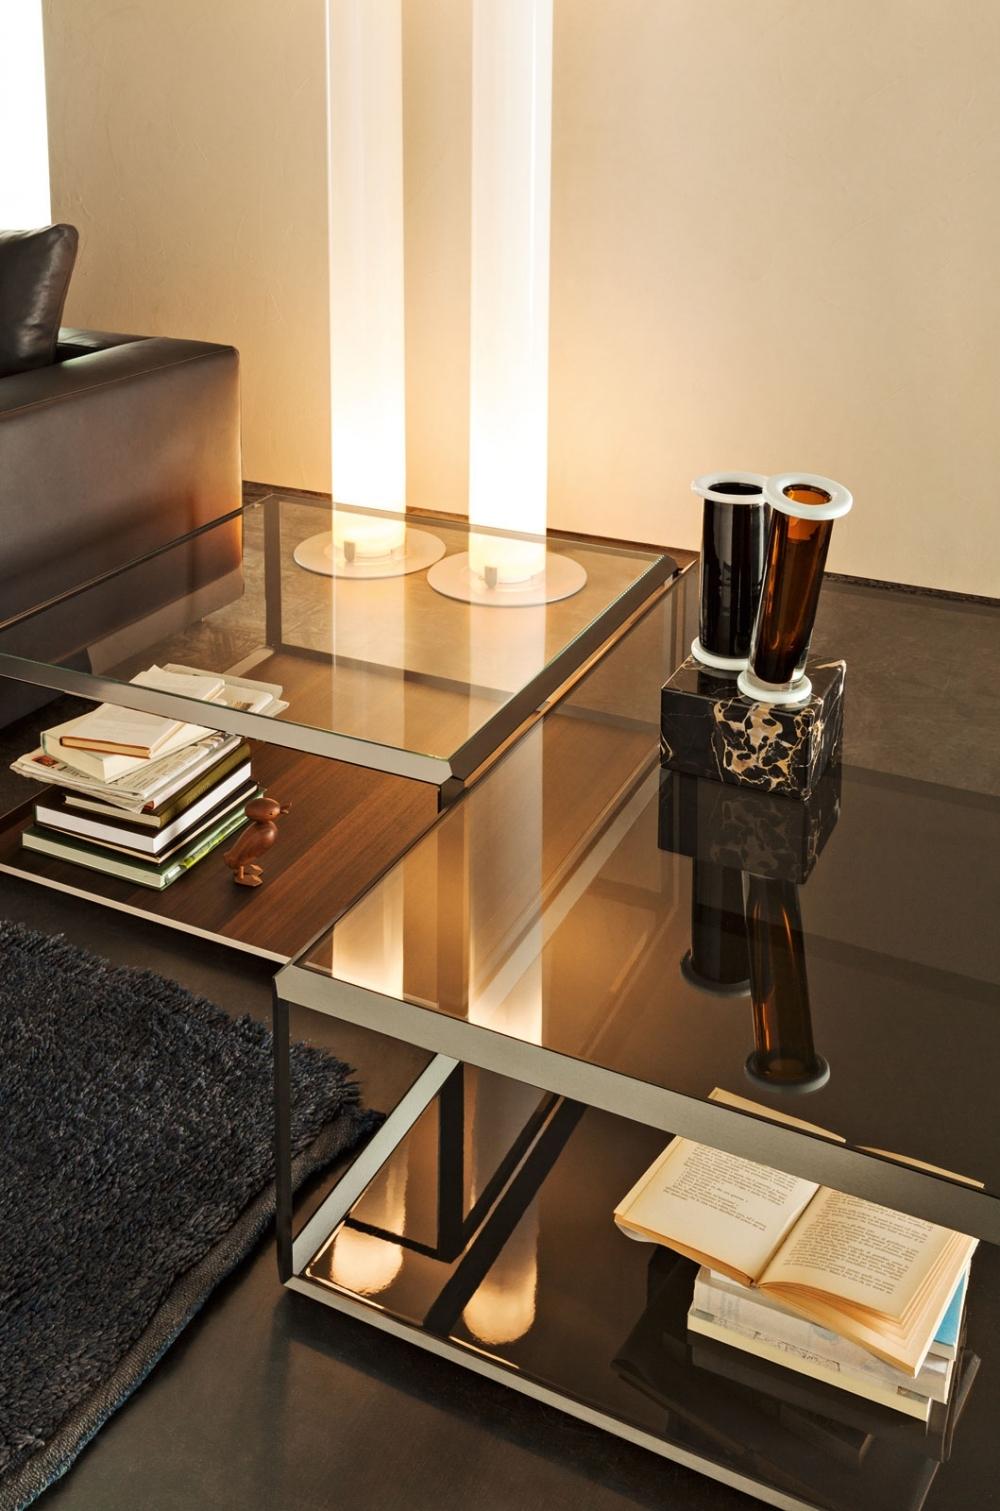 Molteni c tavolino salotto piano cristallo molteni 45 - Tavolino salotto cristallo ...